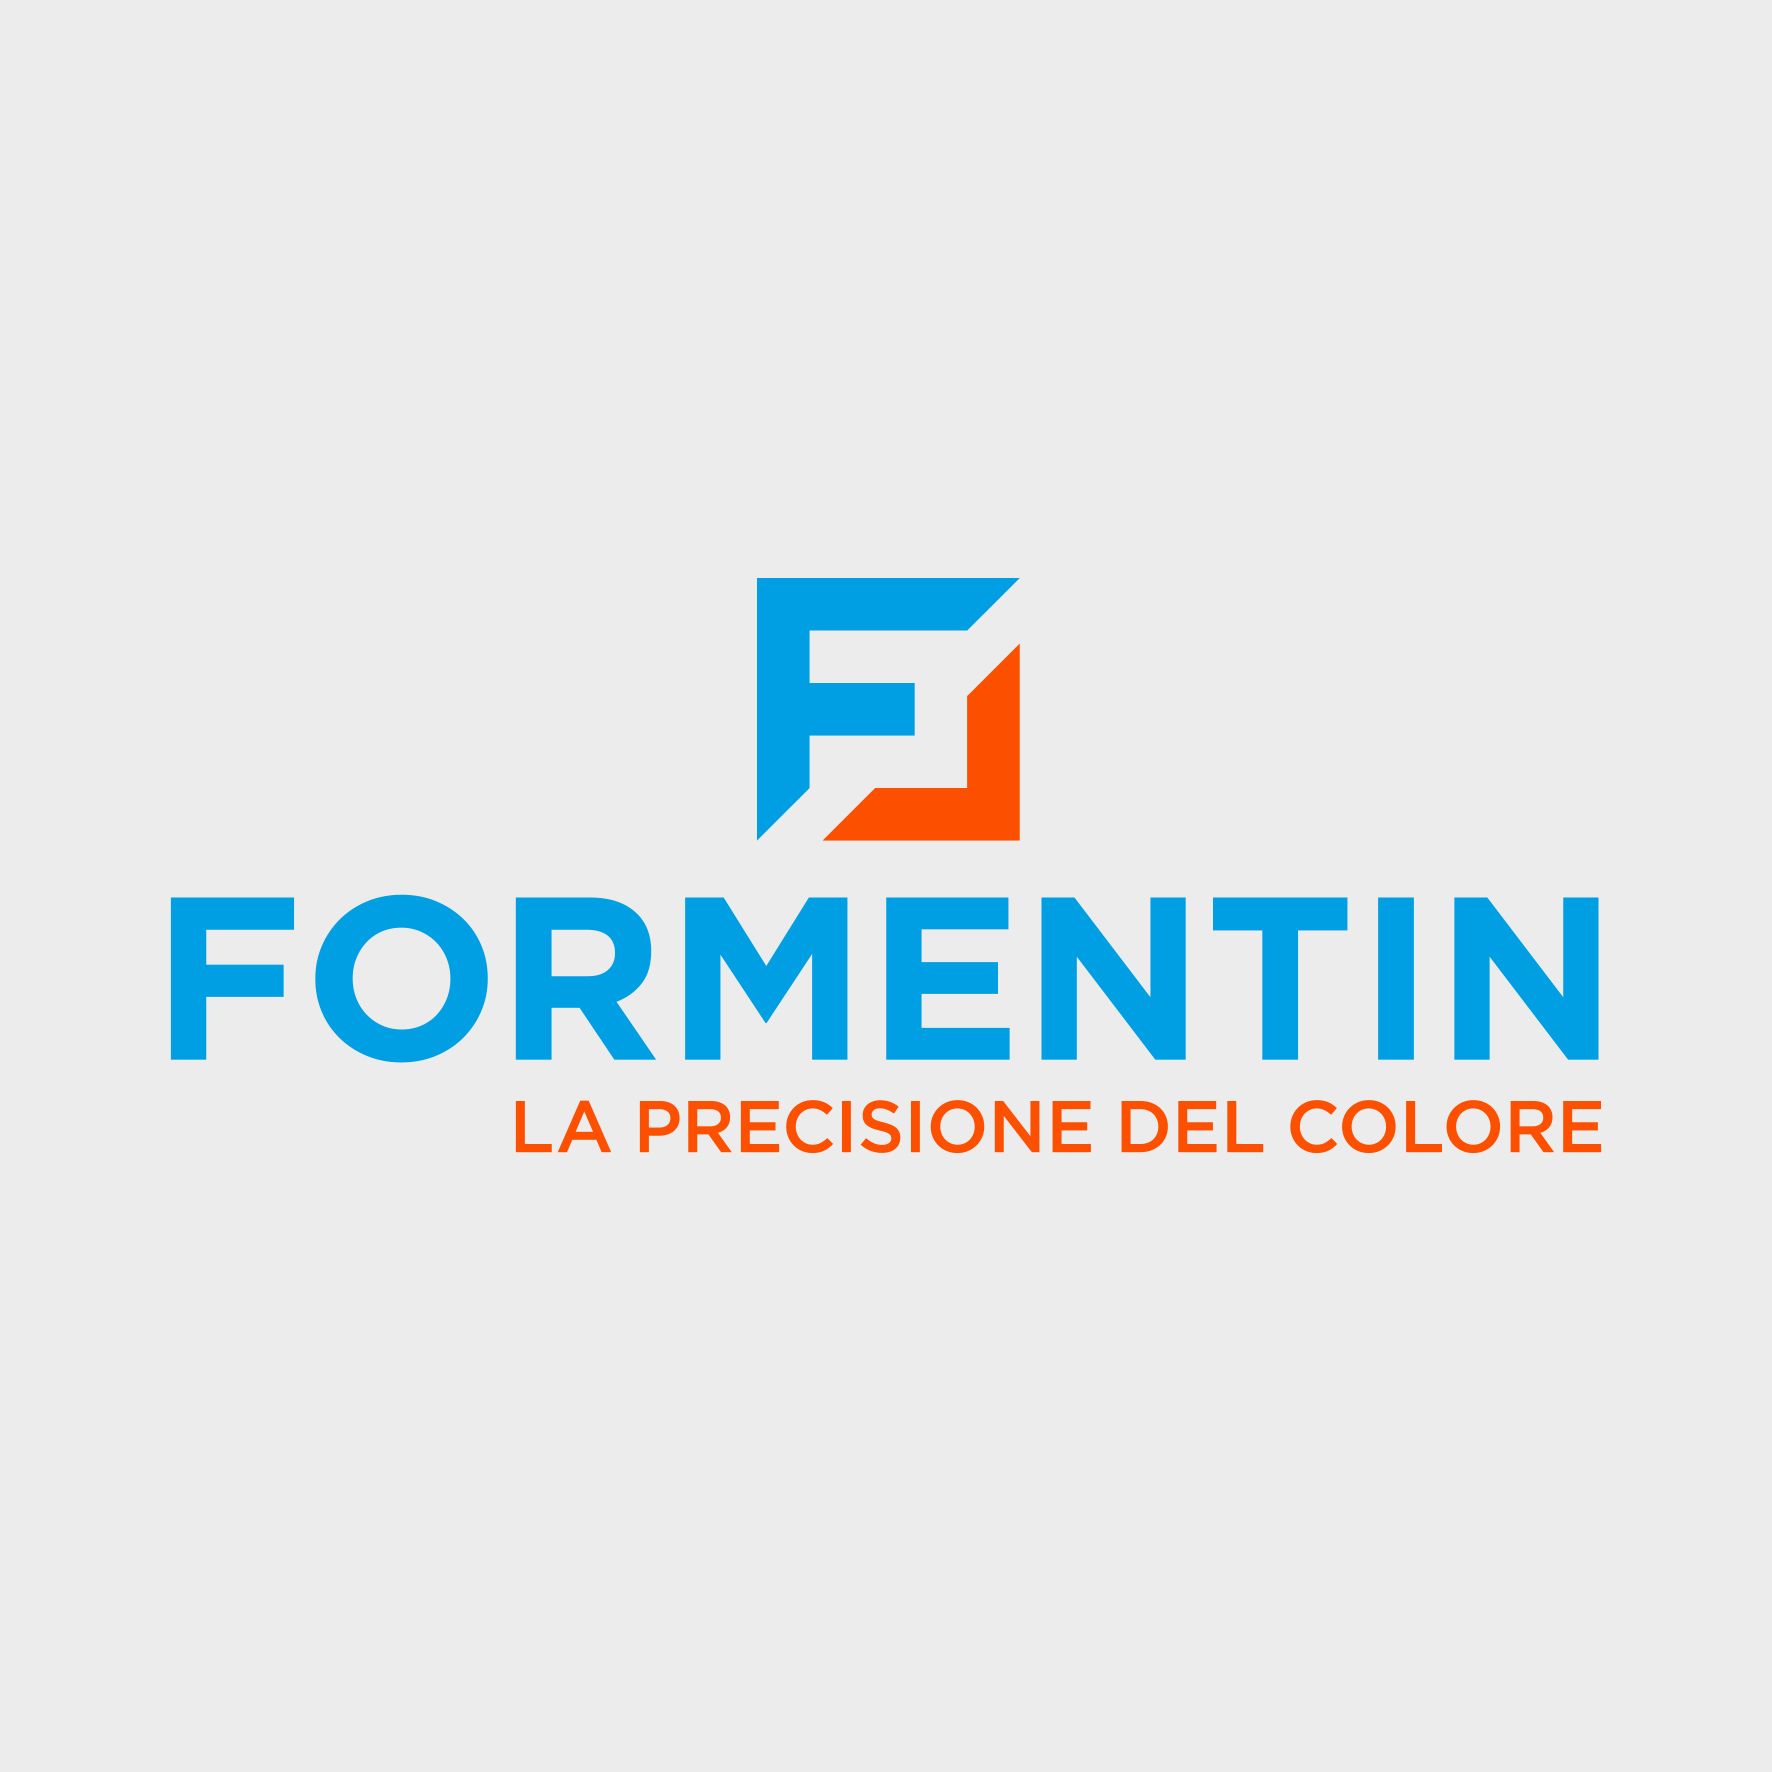 logo ideato per Formentin